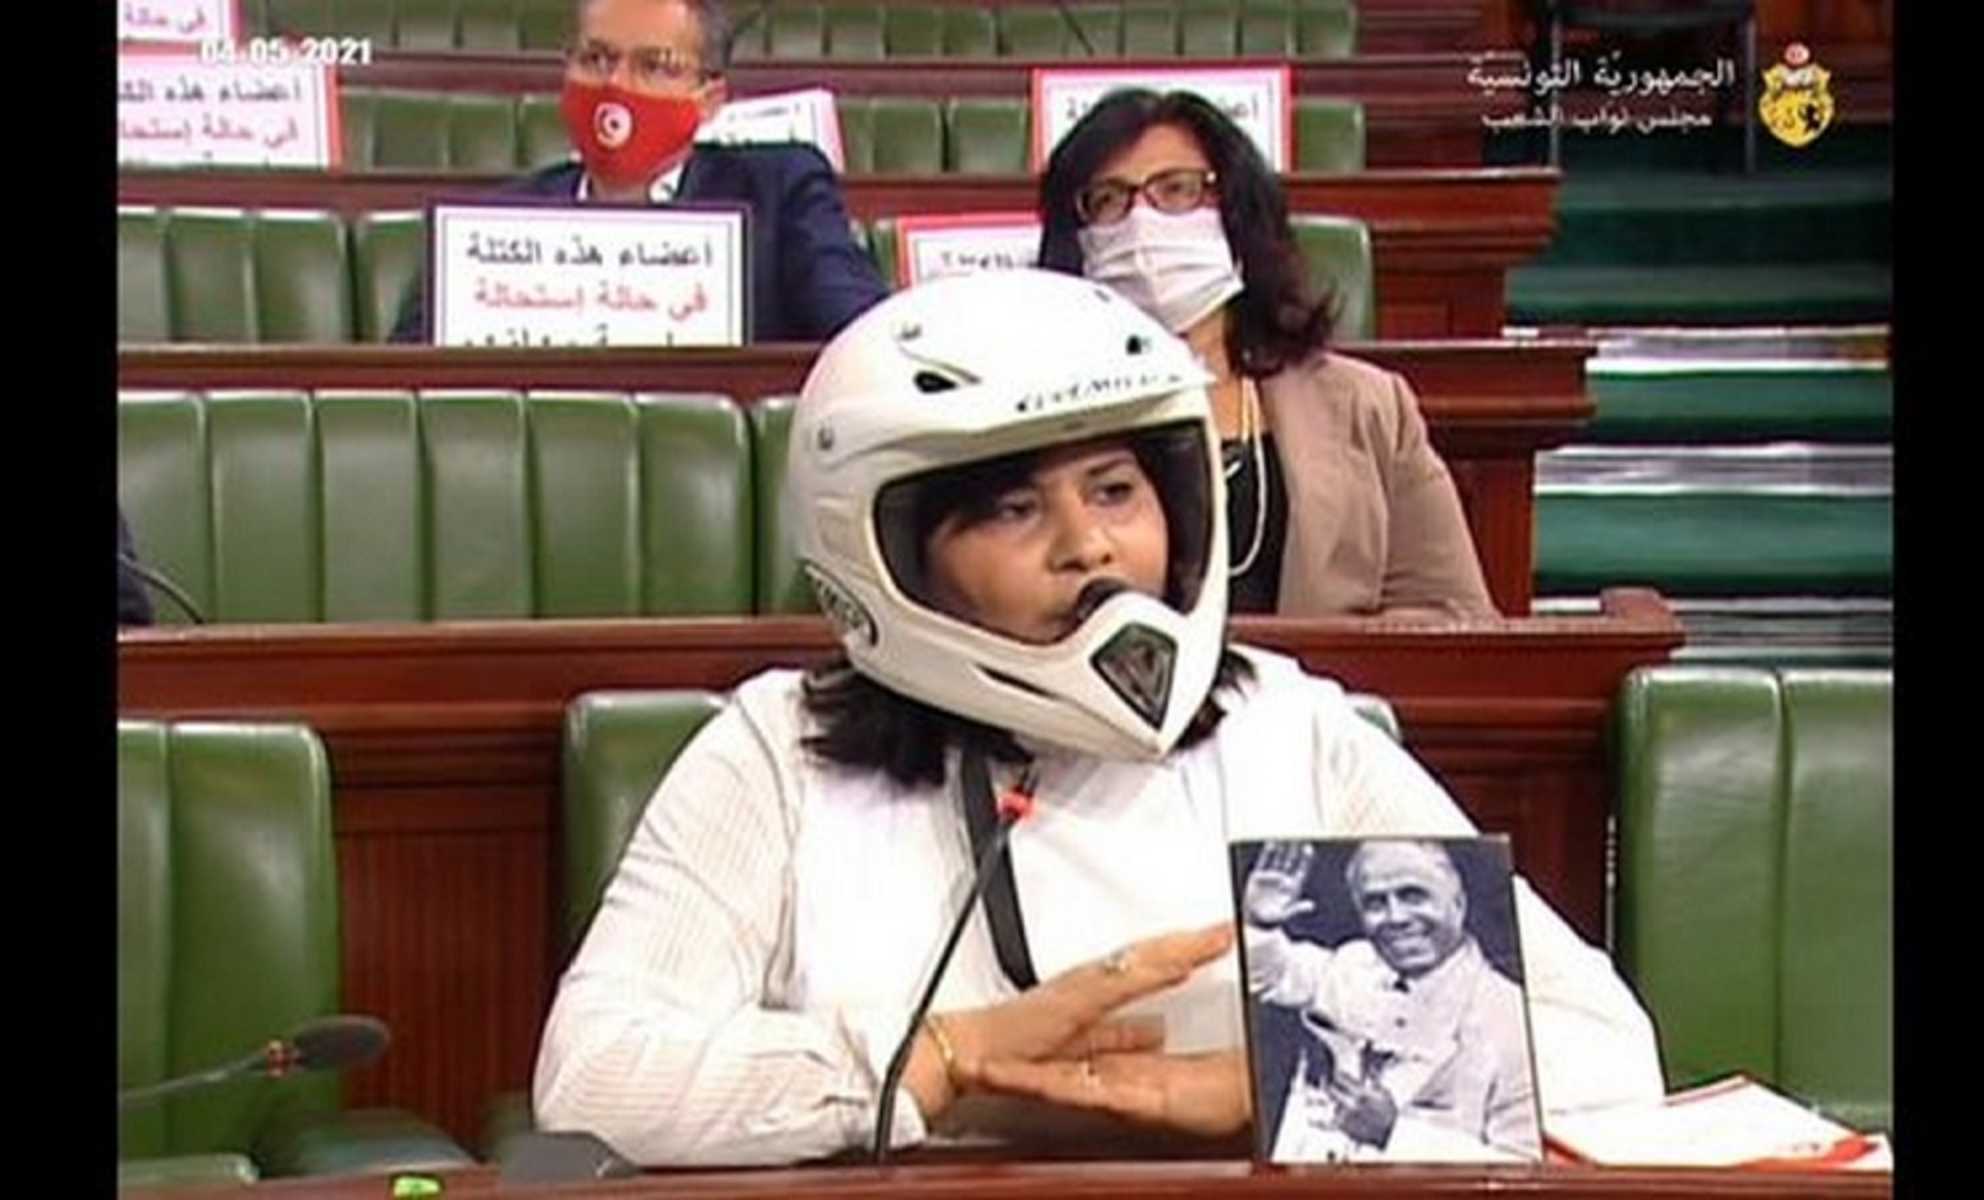 شاهد ما فعلته عبير موسى (تلميذة دحلان النجيبة) داخل البرلمان التونسي وفجرت غضباً واسعاً